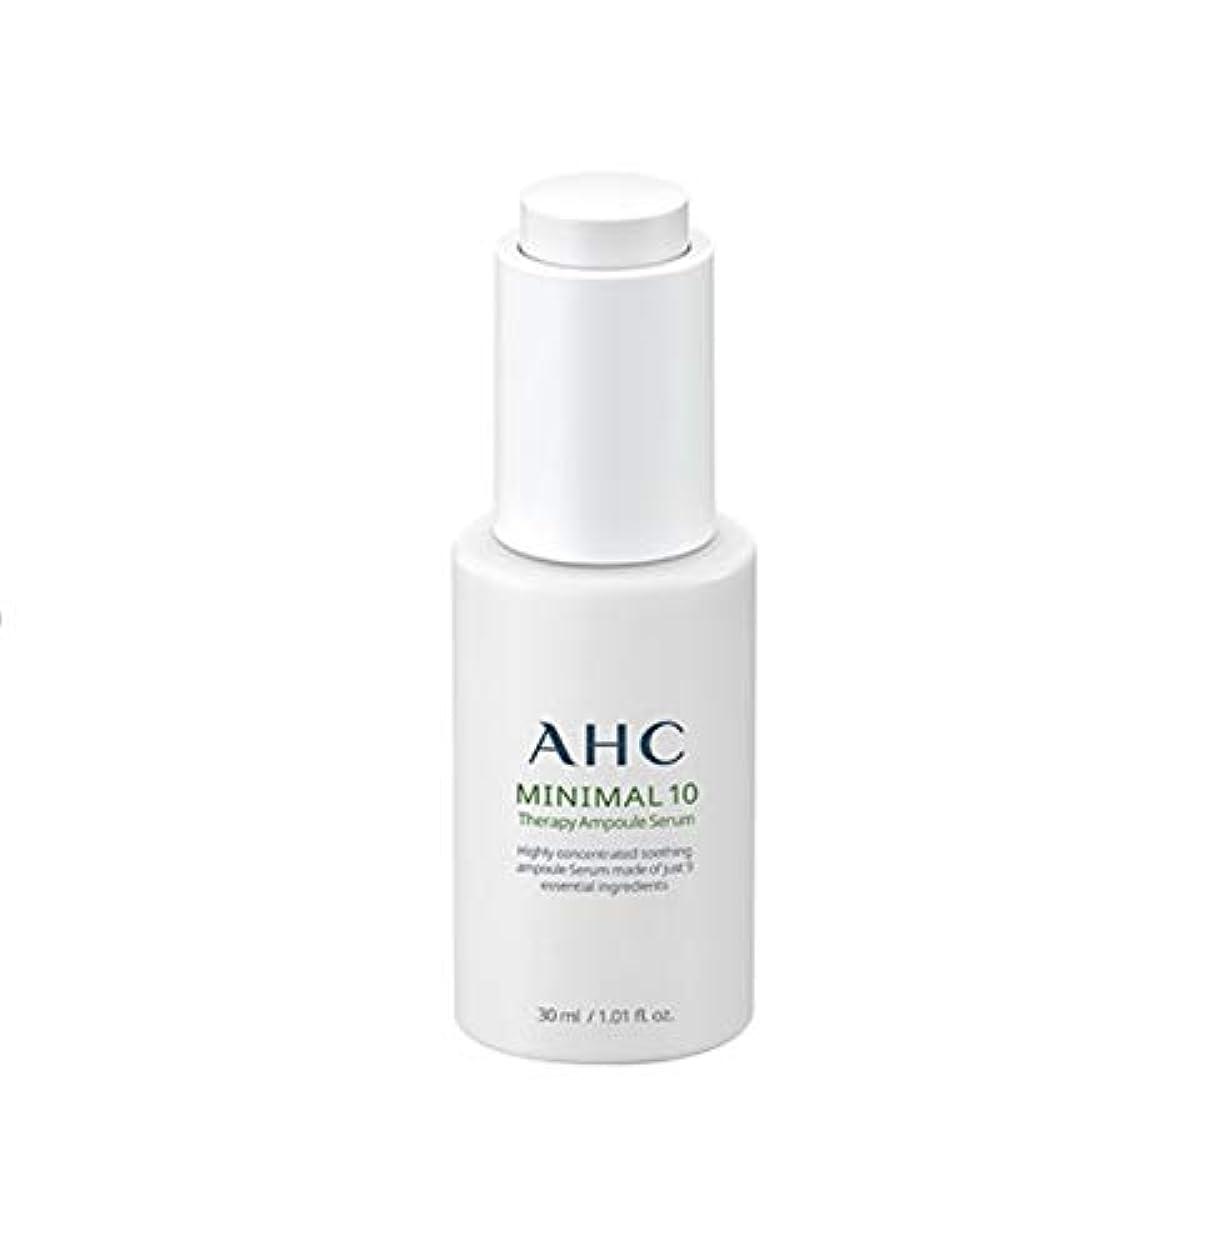 おいしいプロトタイプ芸術AHC ミニマル 10 テラピーアンプルセラム 30ml / AHC MINIMAL 10 THERAPY AMPOULE SERUM 30ml [並行輸入品]